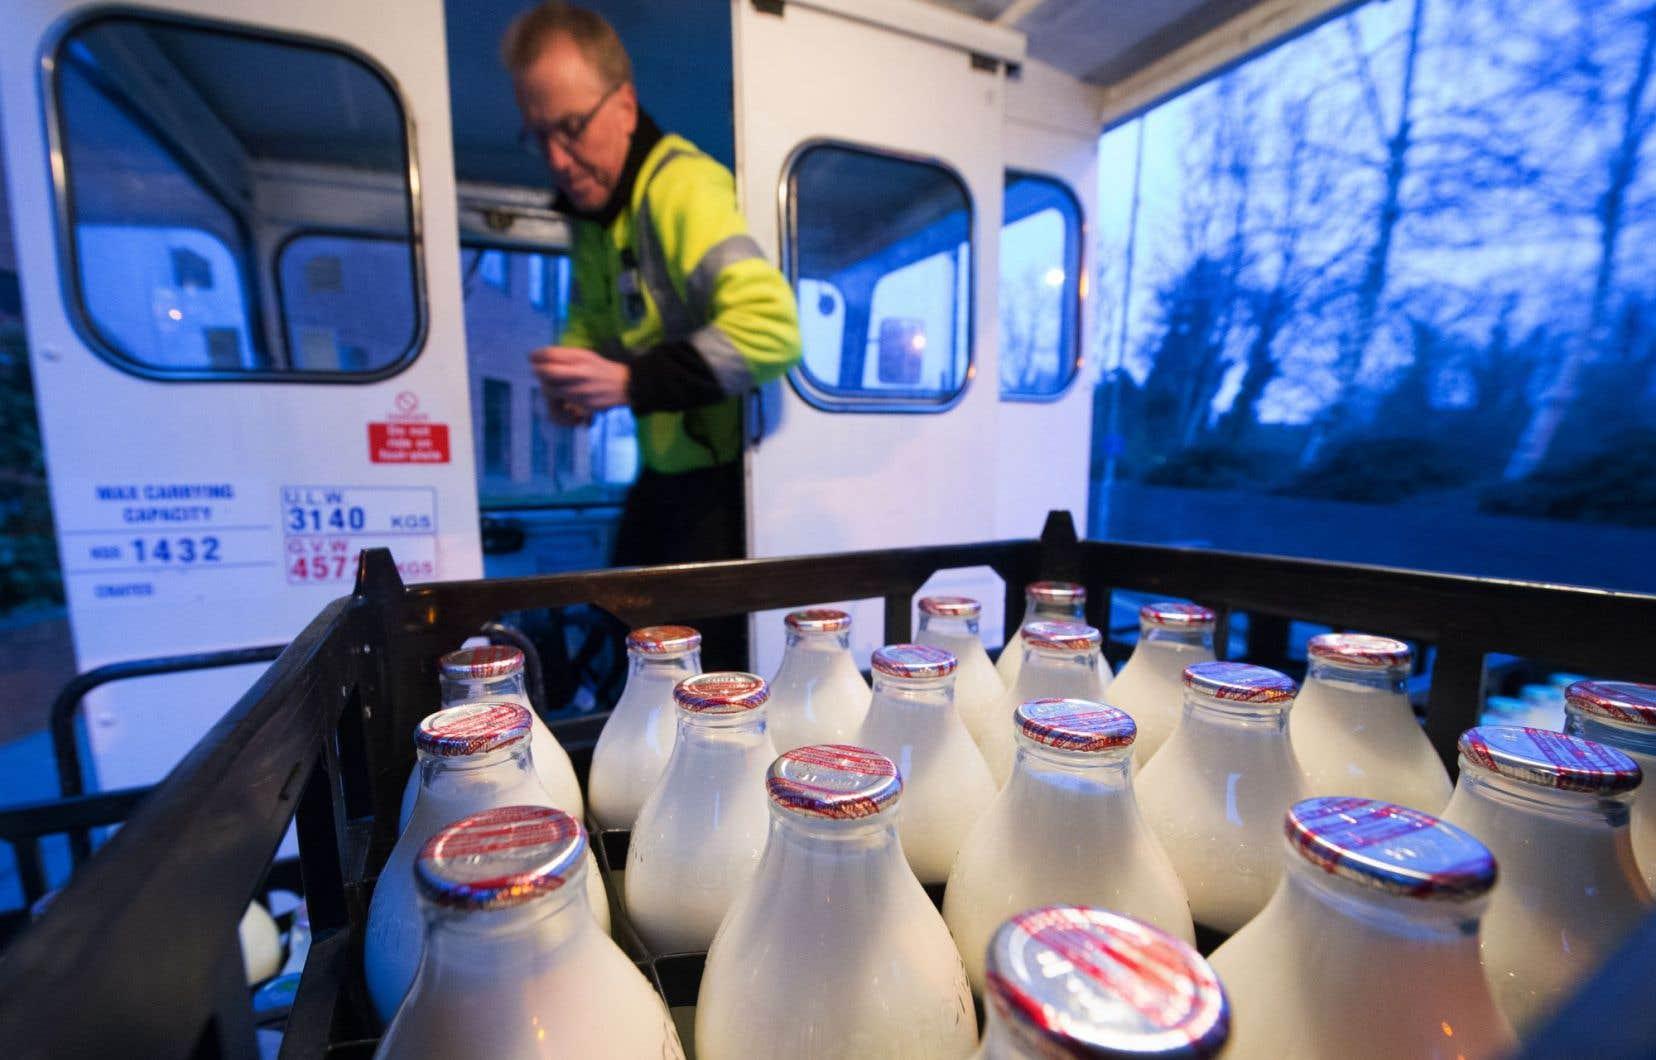 Neil Garner, 57ans, a été désigné «Laitier de l'année» par les clients de Milk and More, principale société de livraison à domicile.